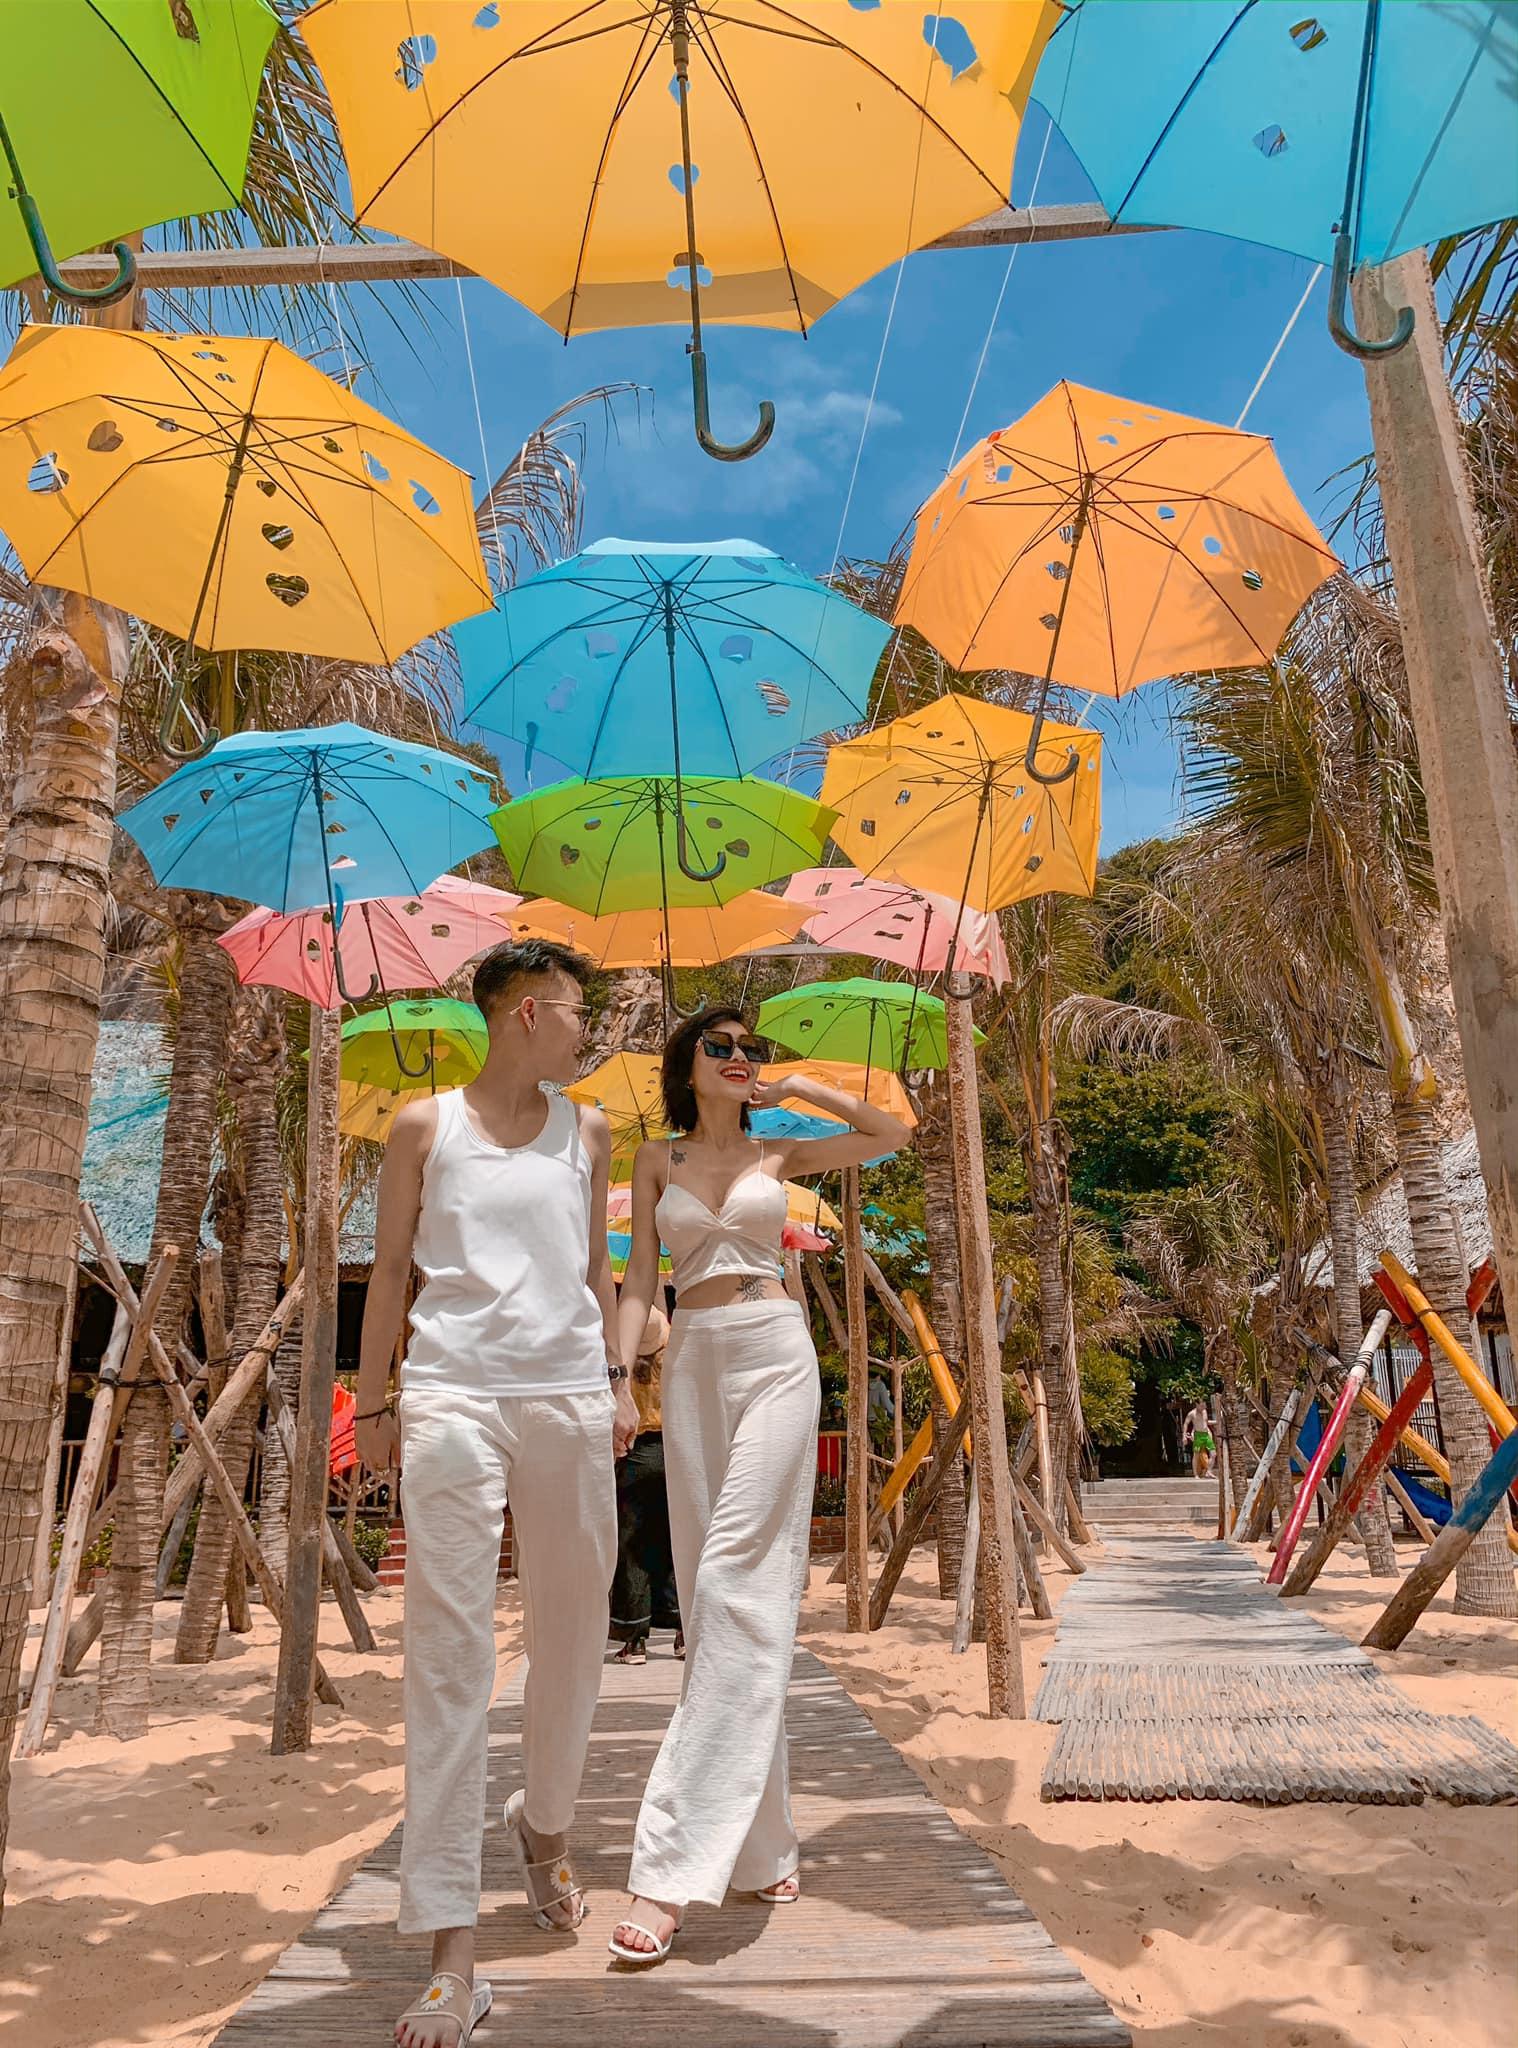 Tour du lịch Quy Nhơn từ Hà Nội: Du ngoạn 'Maldives của Việt Nam' với giá chỉ từ 650.000 đồng - Ảnh 18.